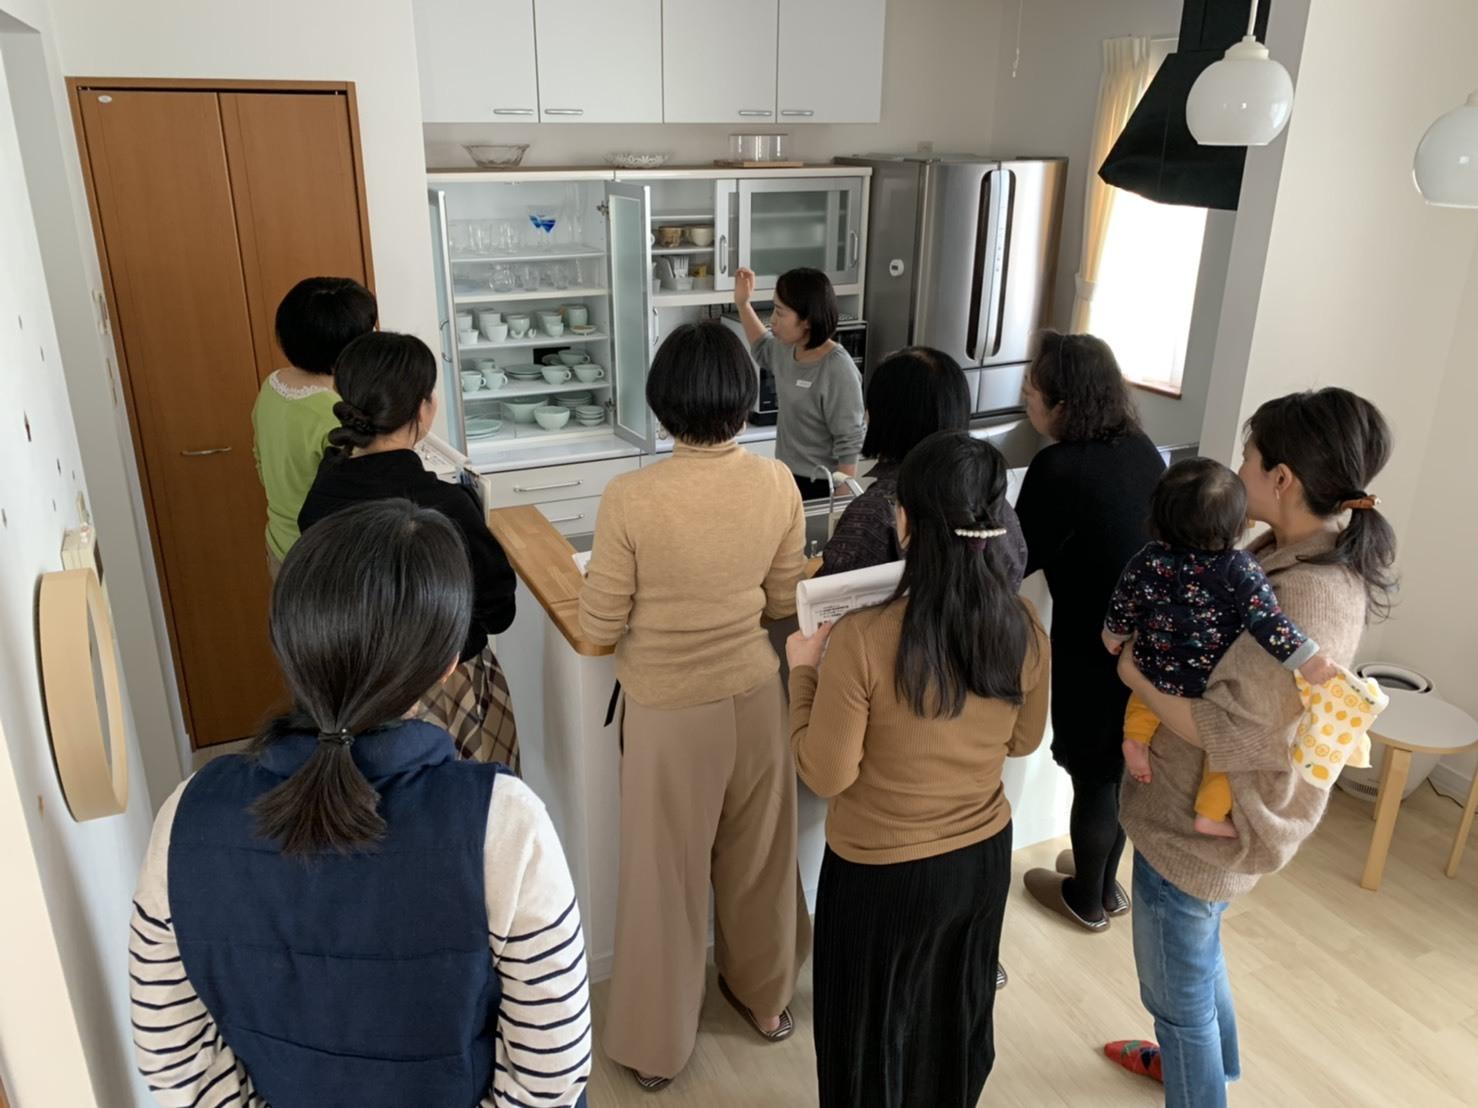 第3回[自分時間が手に入る!スーパー家政婦の時短調理術・実演&片づけのプロの使いやすいキッチン収納講座]_a0239890_12074307.jpg